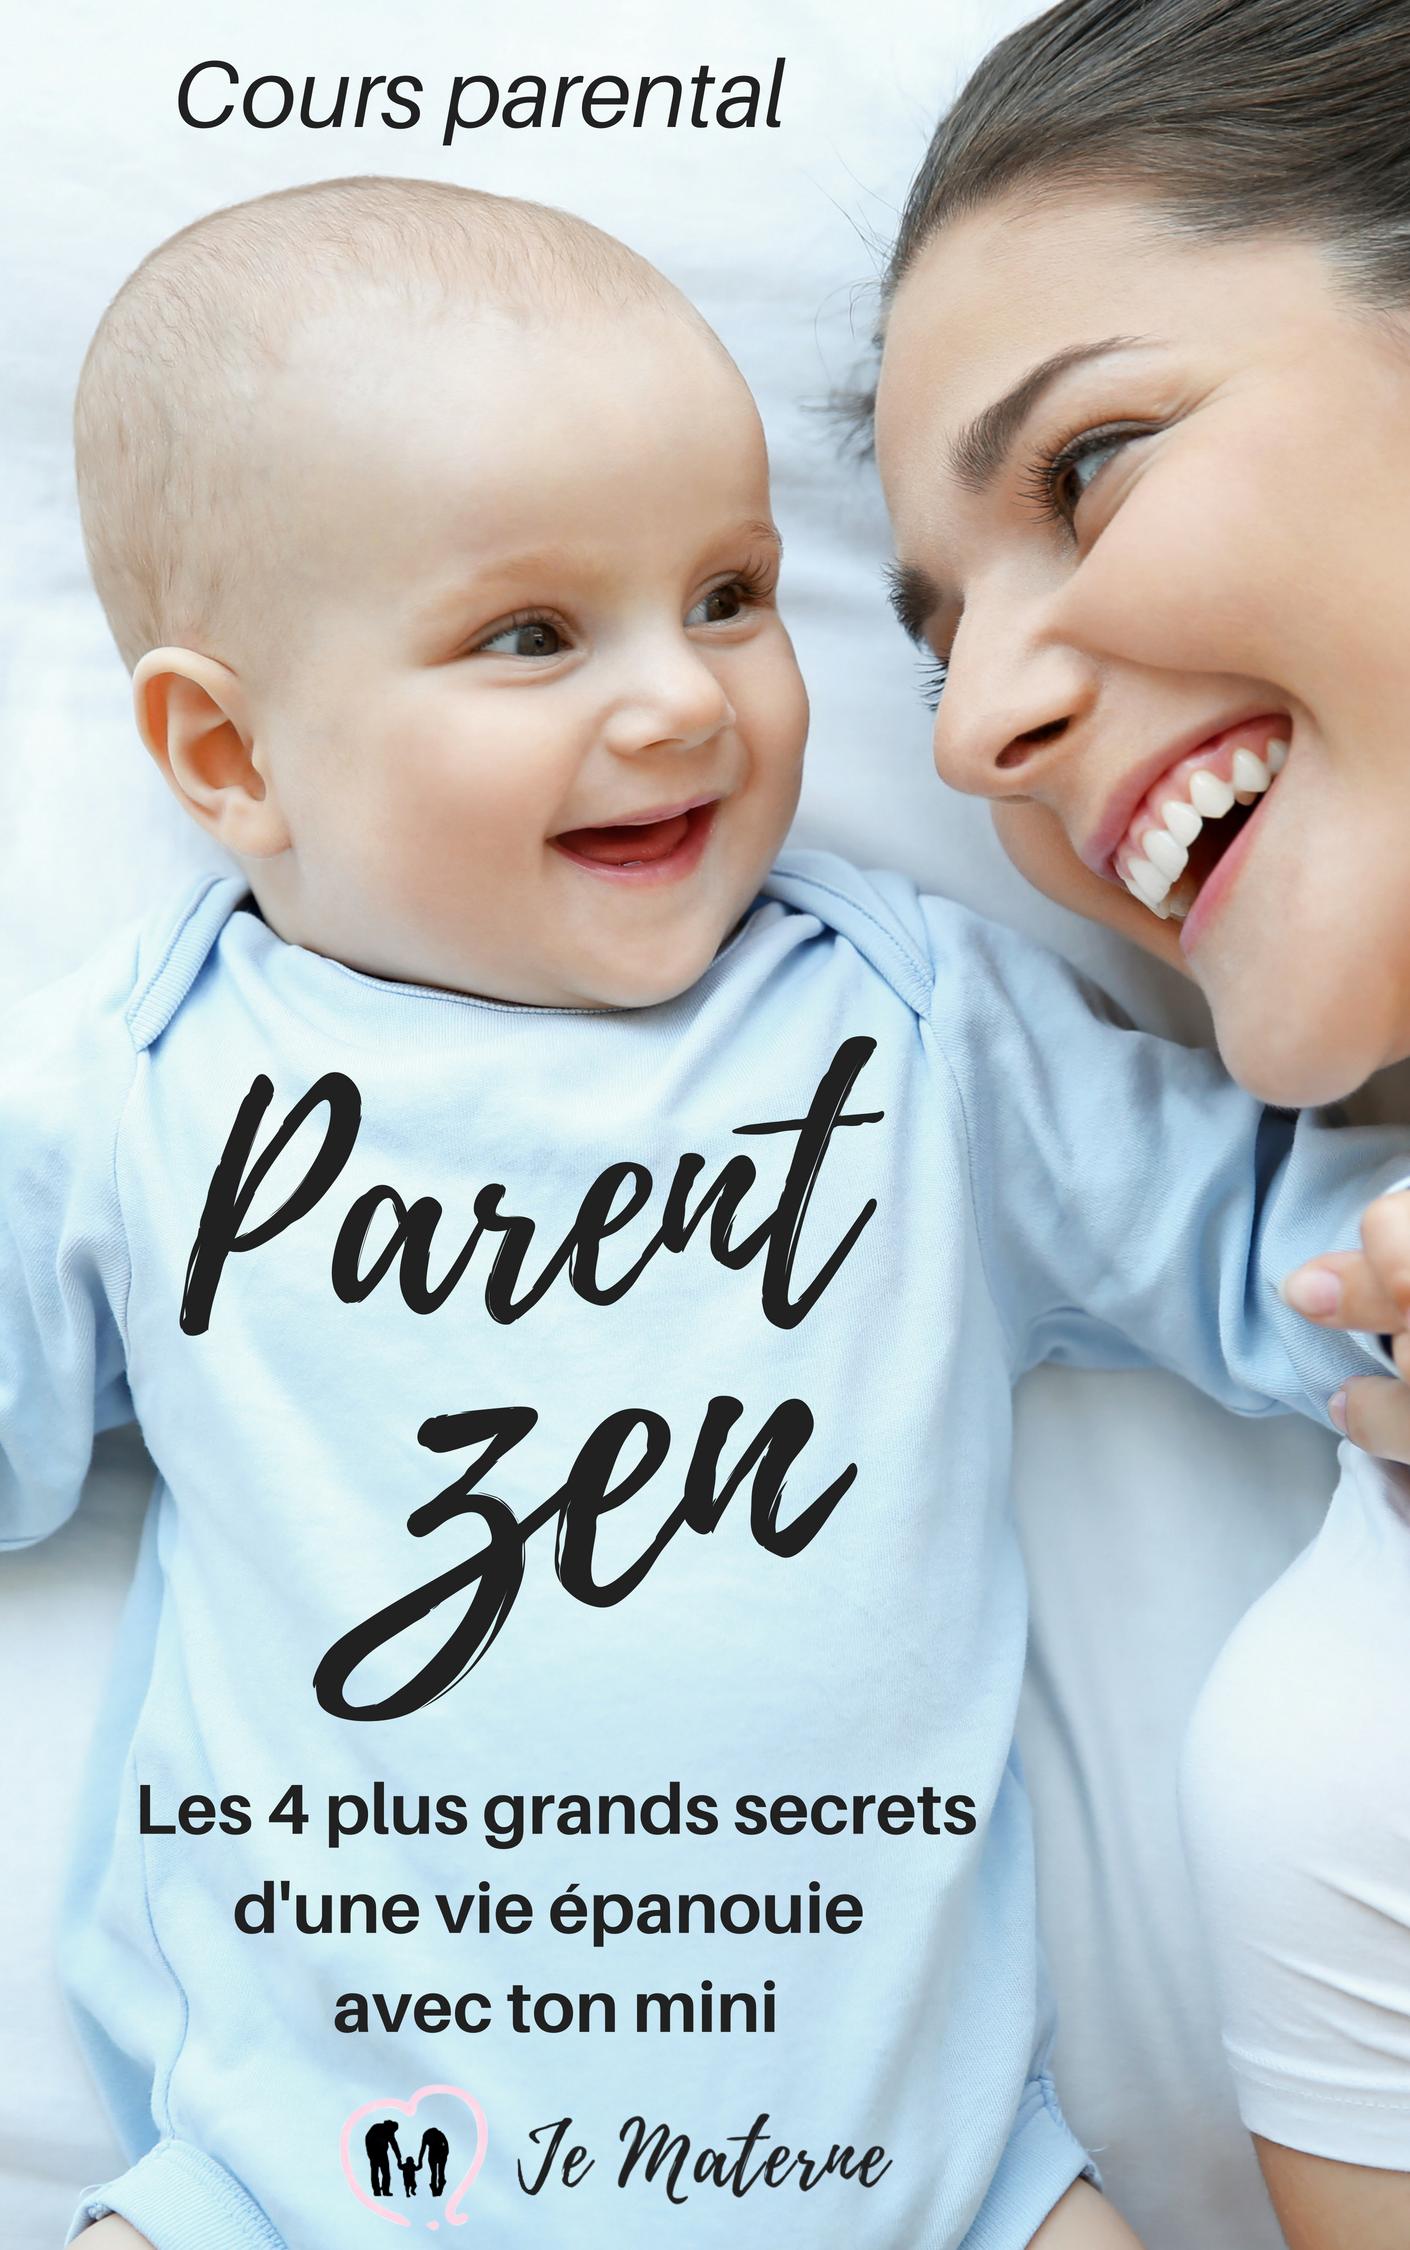 Cours Parent Zen